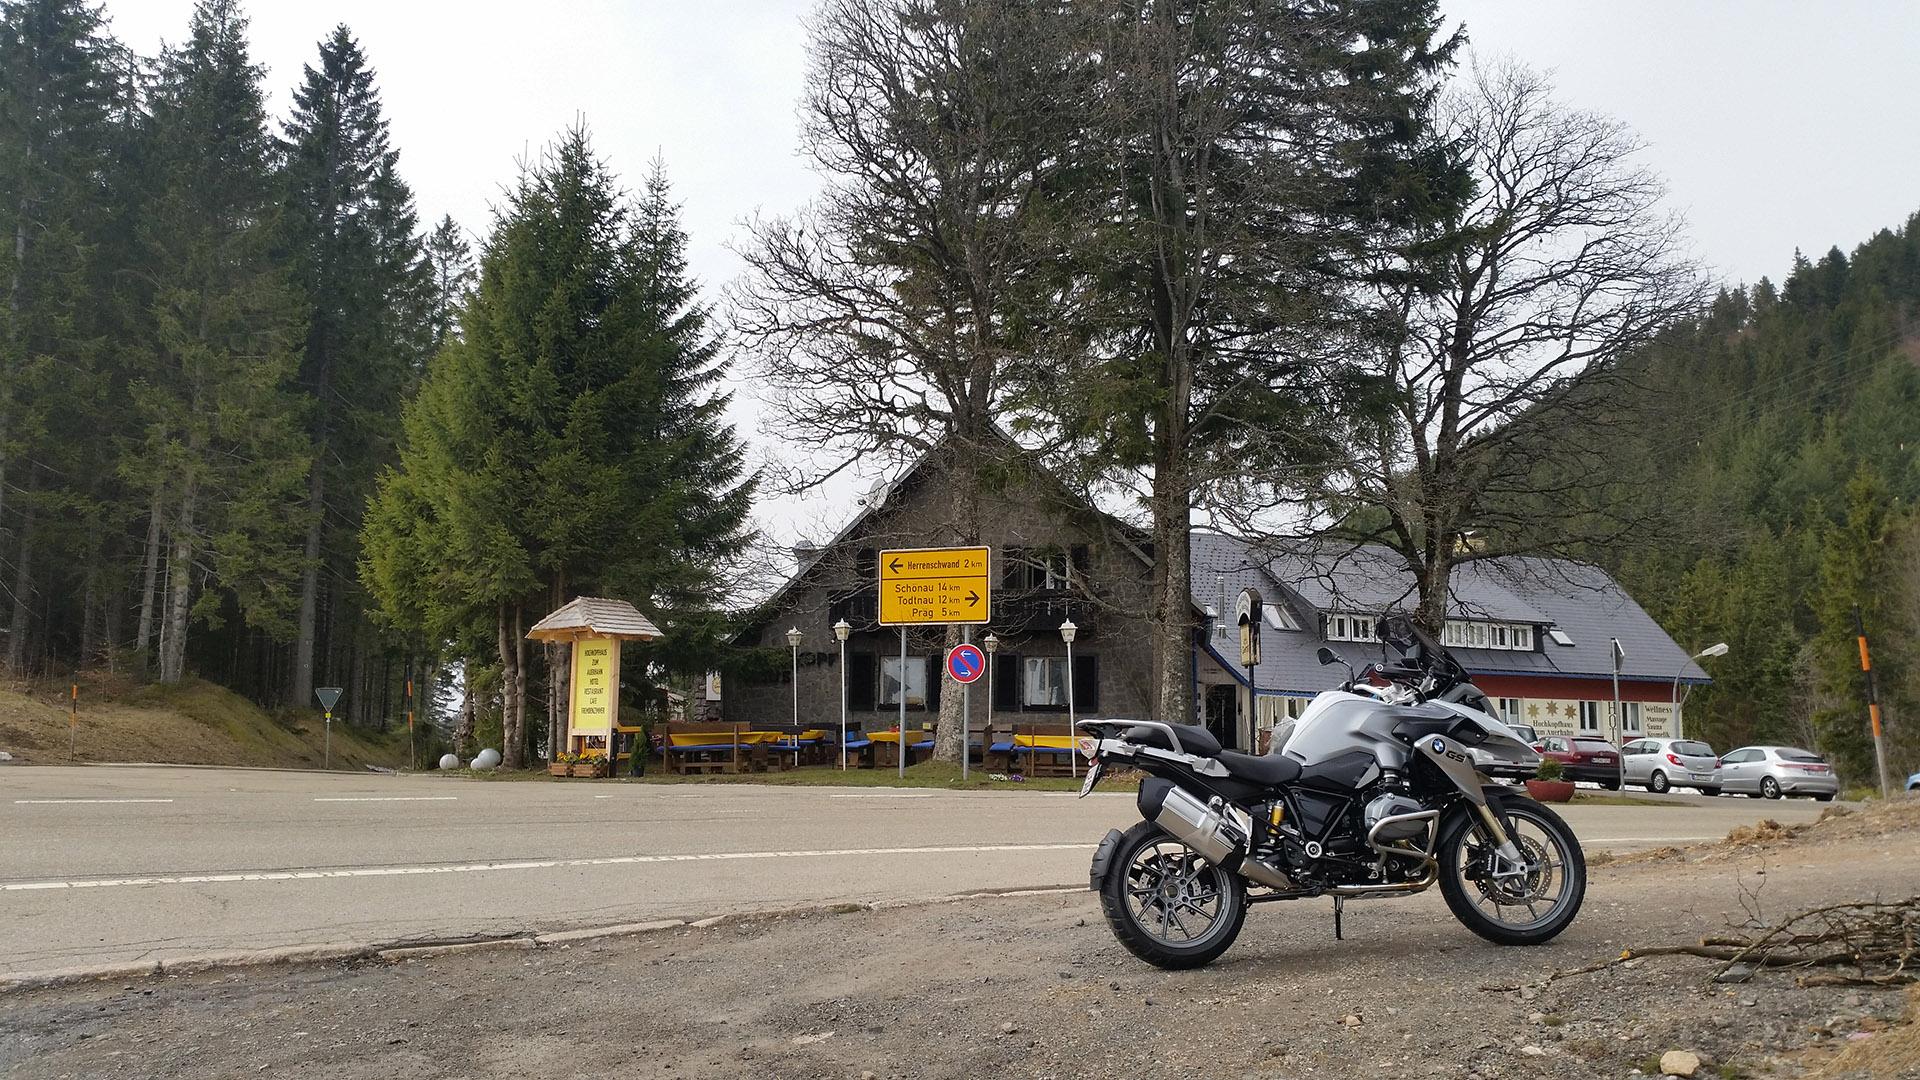 1079 - D - Weissenbachsattel (Hochkopfhaus)